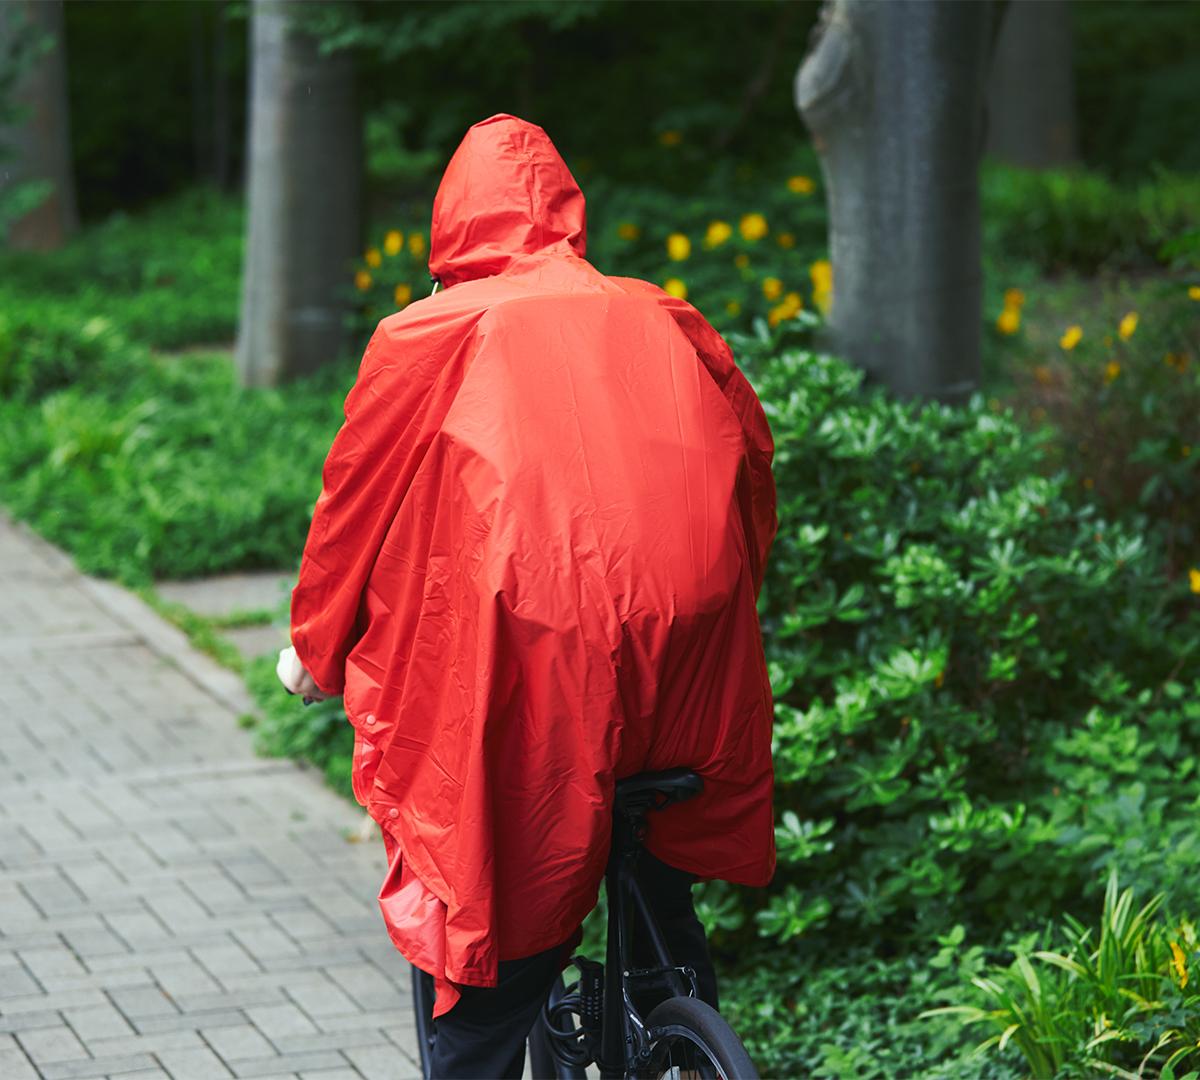 多少の雨や、近所への買い物くらいなら、フードをかぶって、このポンチョ一つで出かけられて、便利。雨の日も両手フリー、濡れない、蒸れにくい「ポンチョ」|U-DAY PONCHO(ユーデイ ポンチョ)